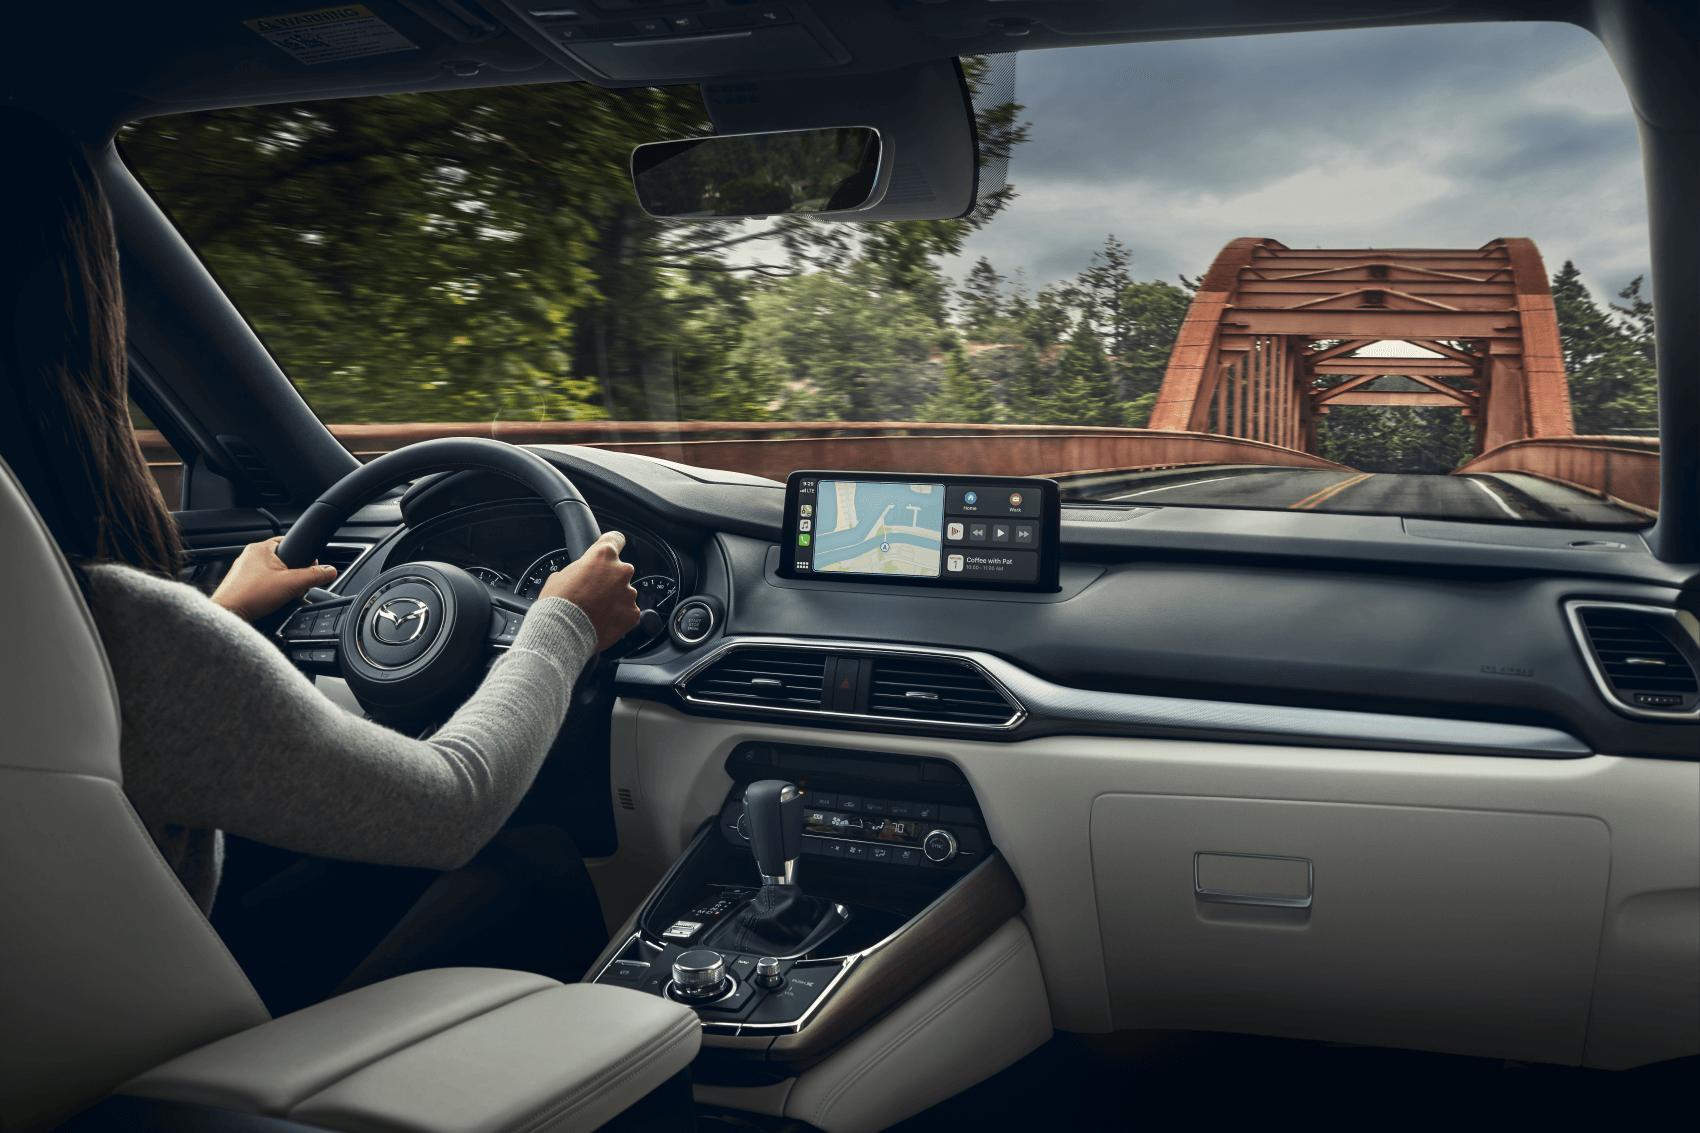 2021 Mazda CX-9 Interior Mazda Connect Dashboard Tech